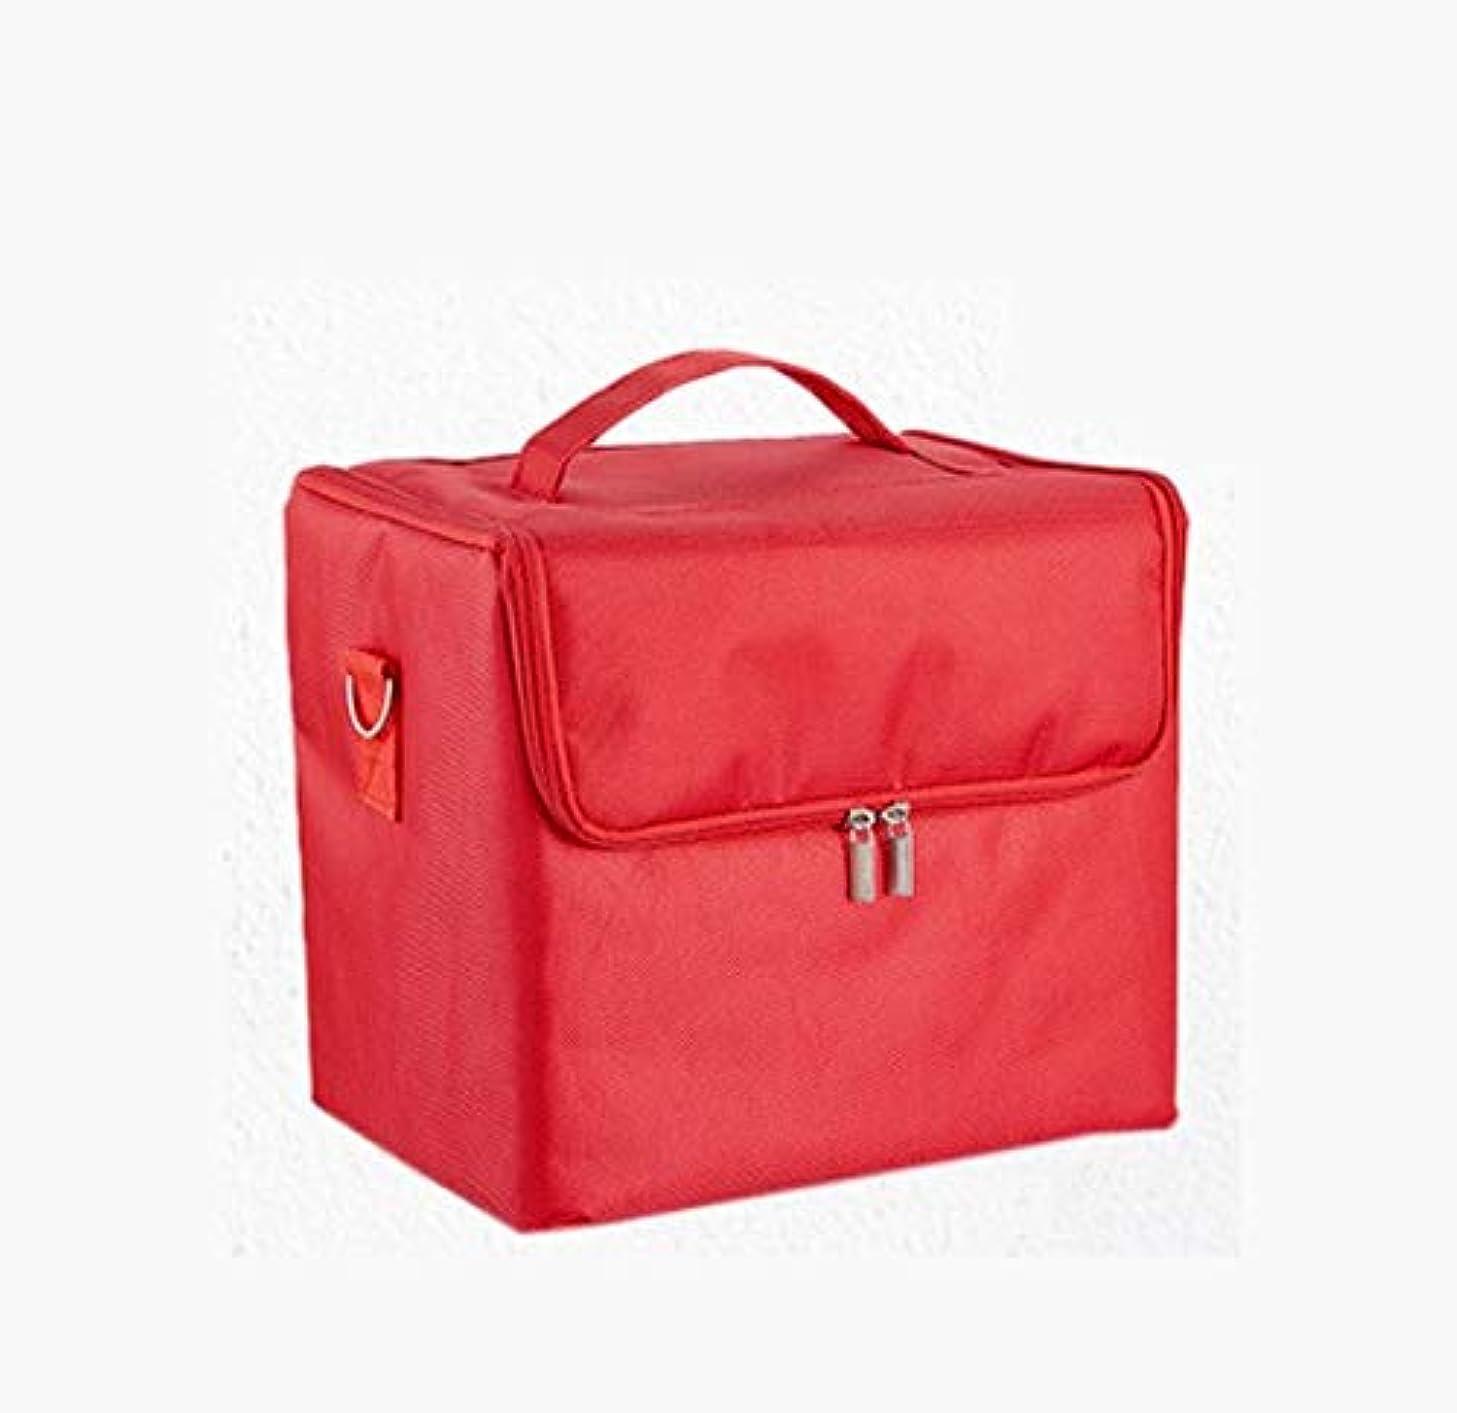 画家ジョージスティーブンソン適合しました化粧箱、大容量多機能防水化粧品ケース、携帯用旅行化粧品袋収納袋、美容化粧ネイルジュエリー収納箱 (Color : Red)